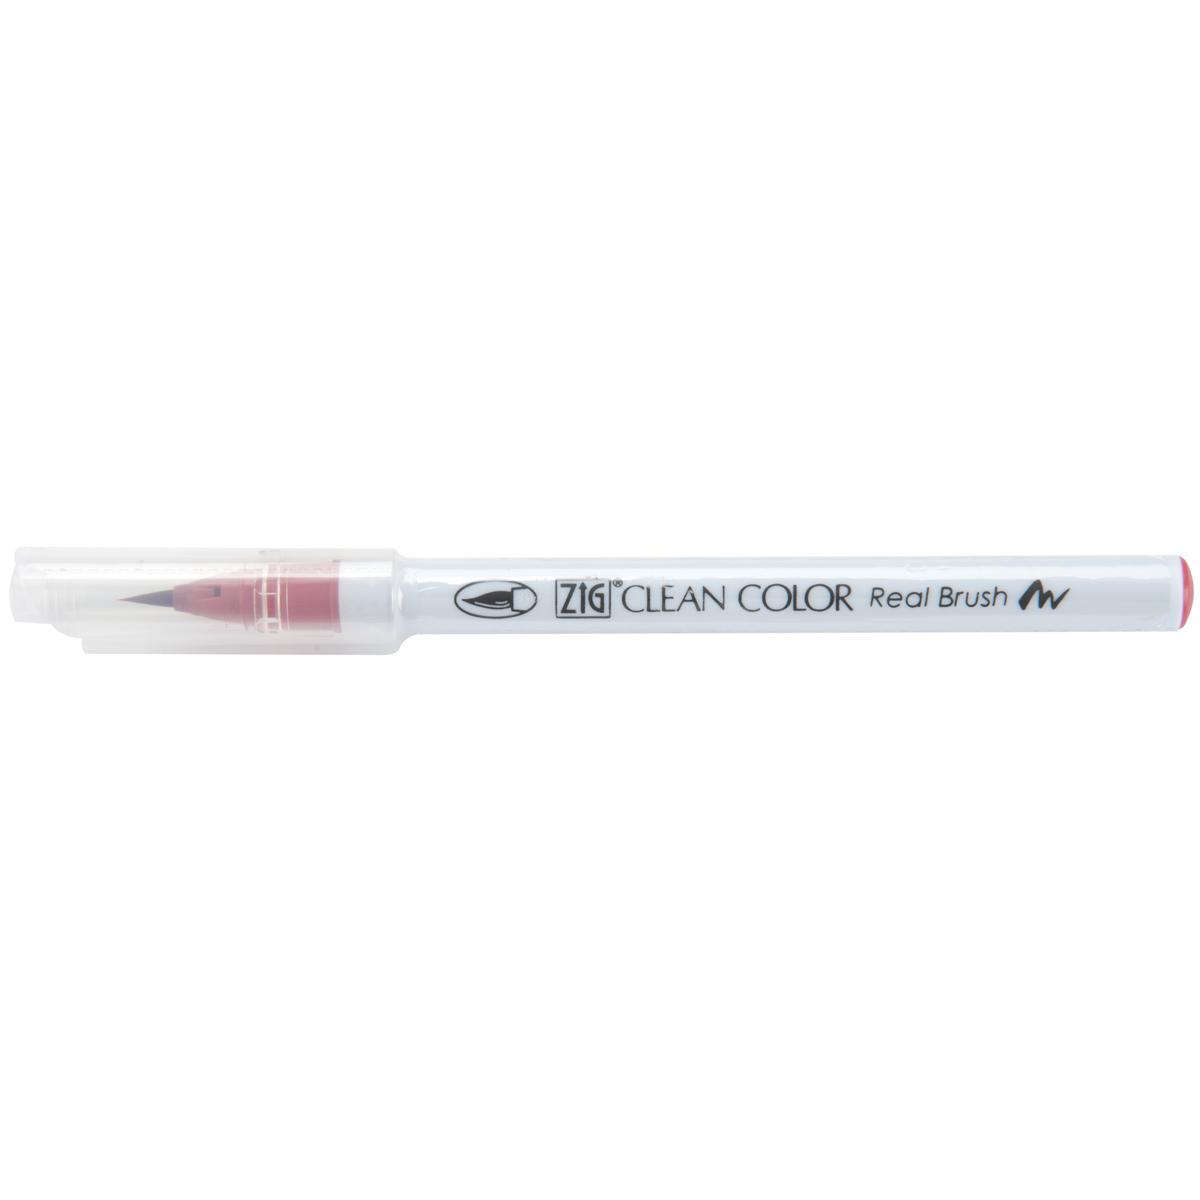 Kuretake ZIG Clean Color Real Brush Marker-Geranium Red